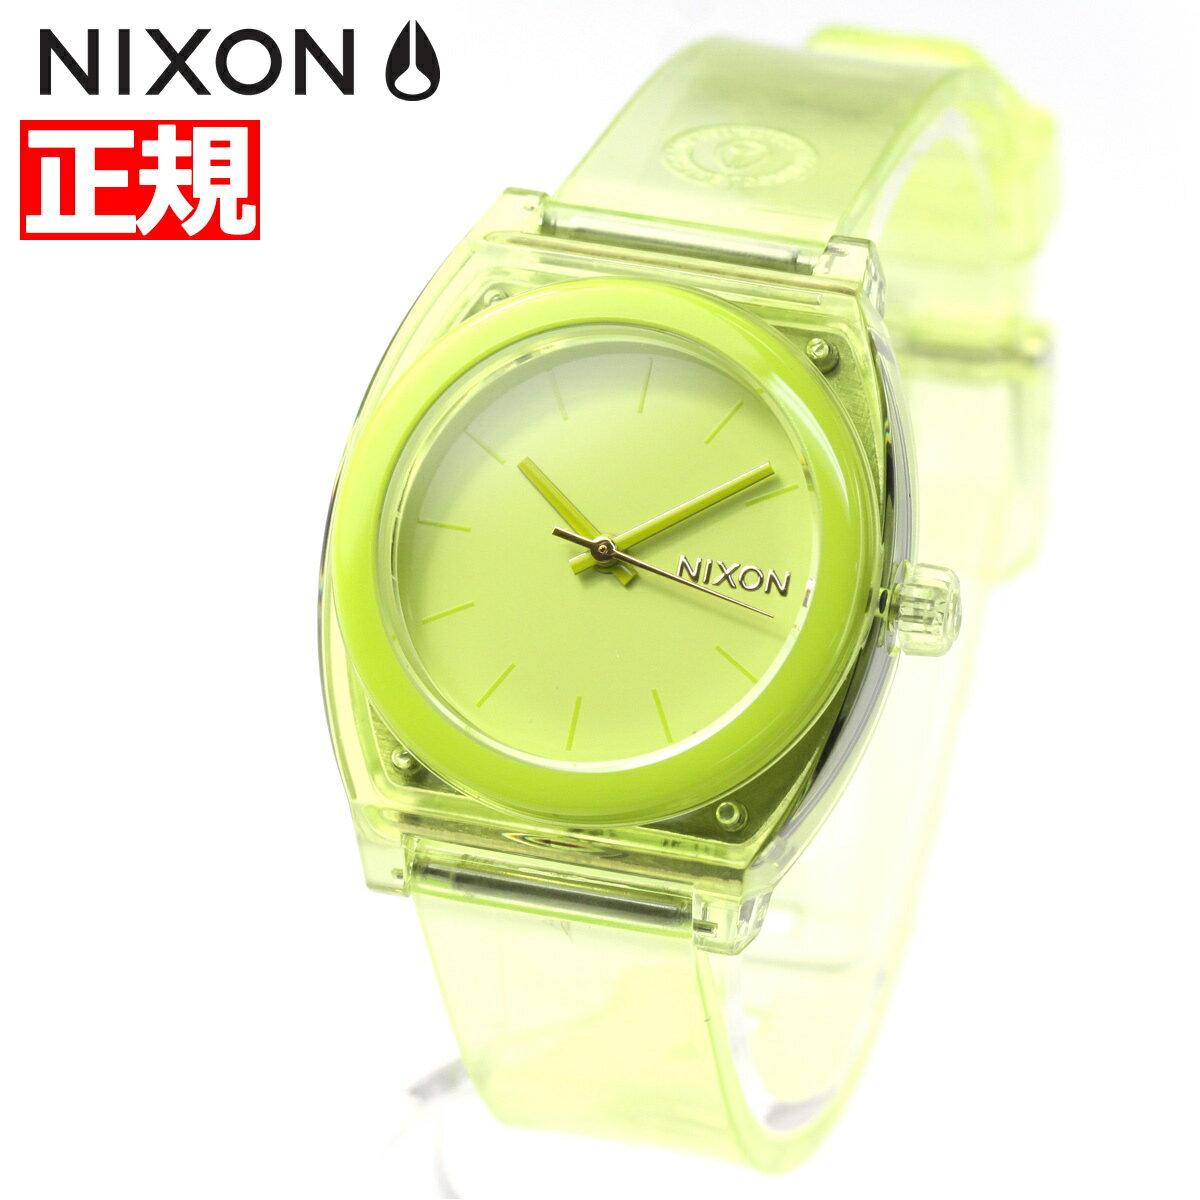 ニクソン NIXON ミディアム タイムテラーP MEDIUM TIME TELLER P 腕時計 レディース ライム NA1215536-00【2018 新作】